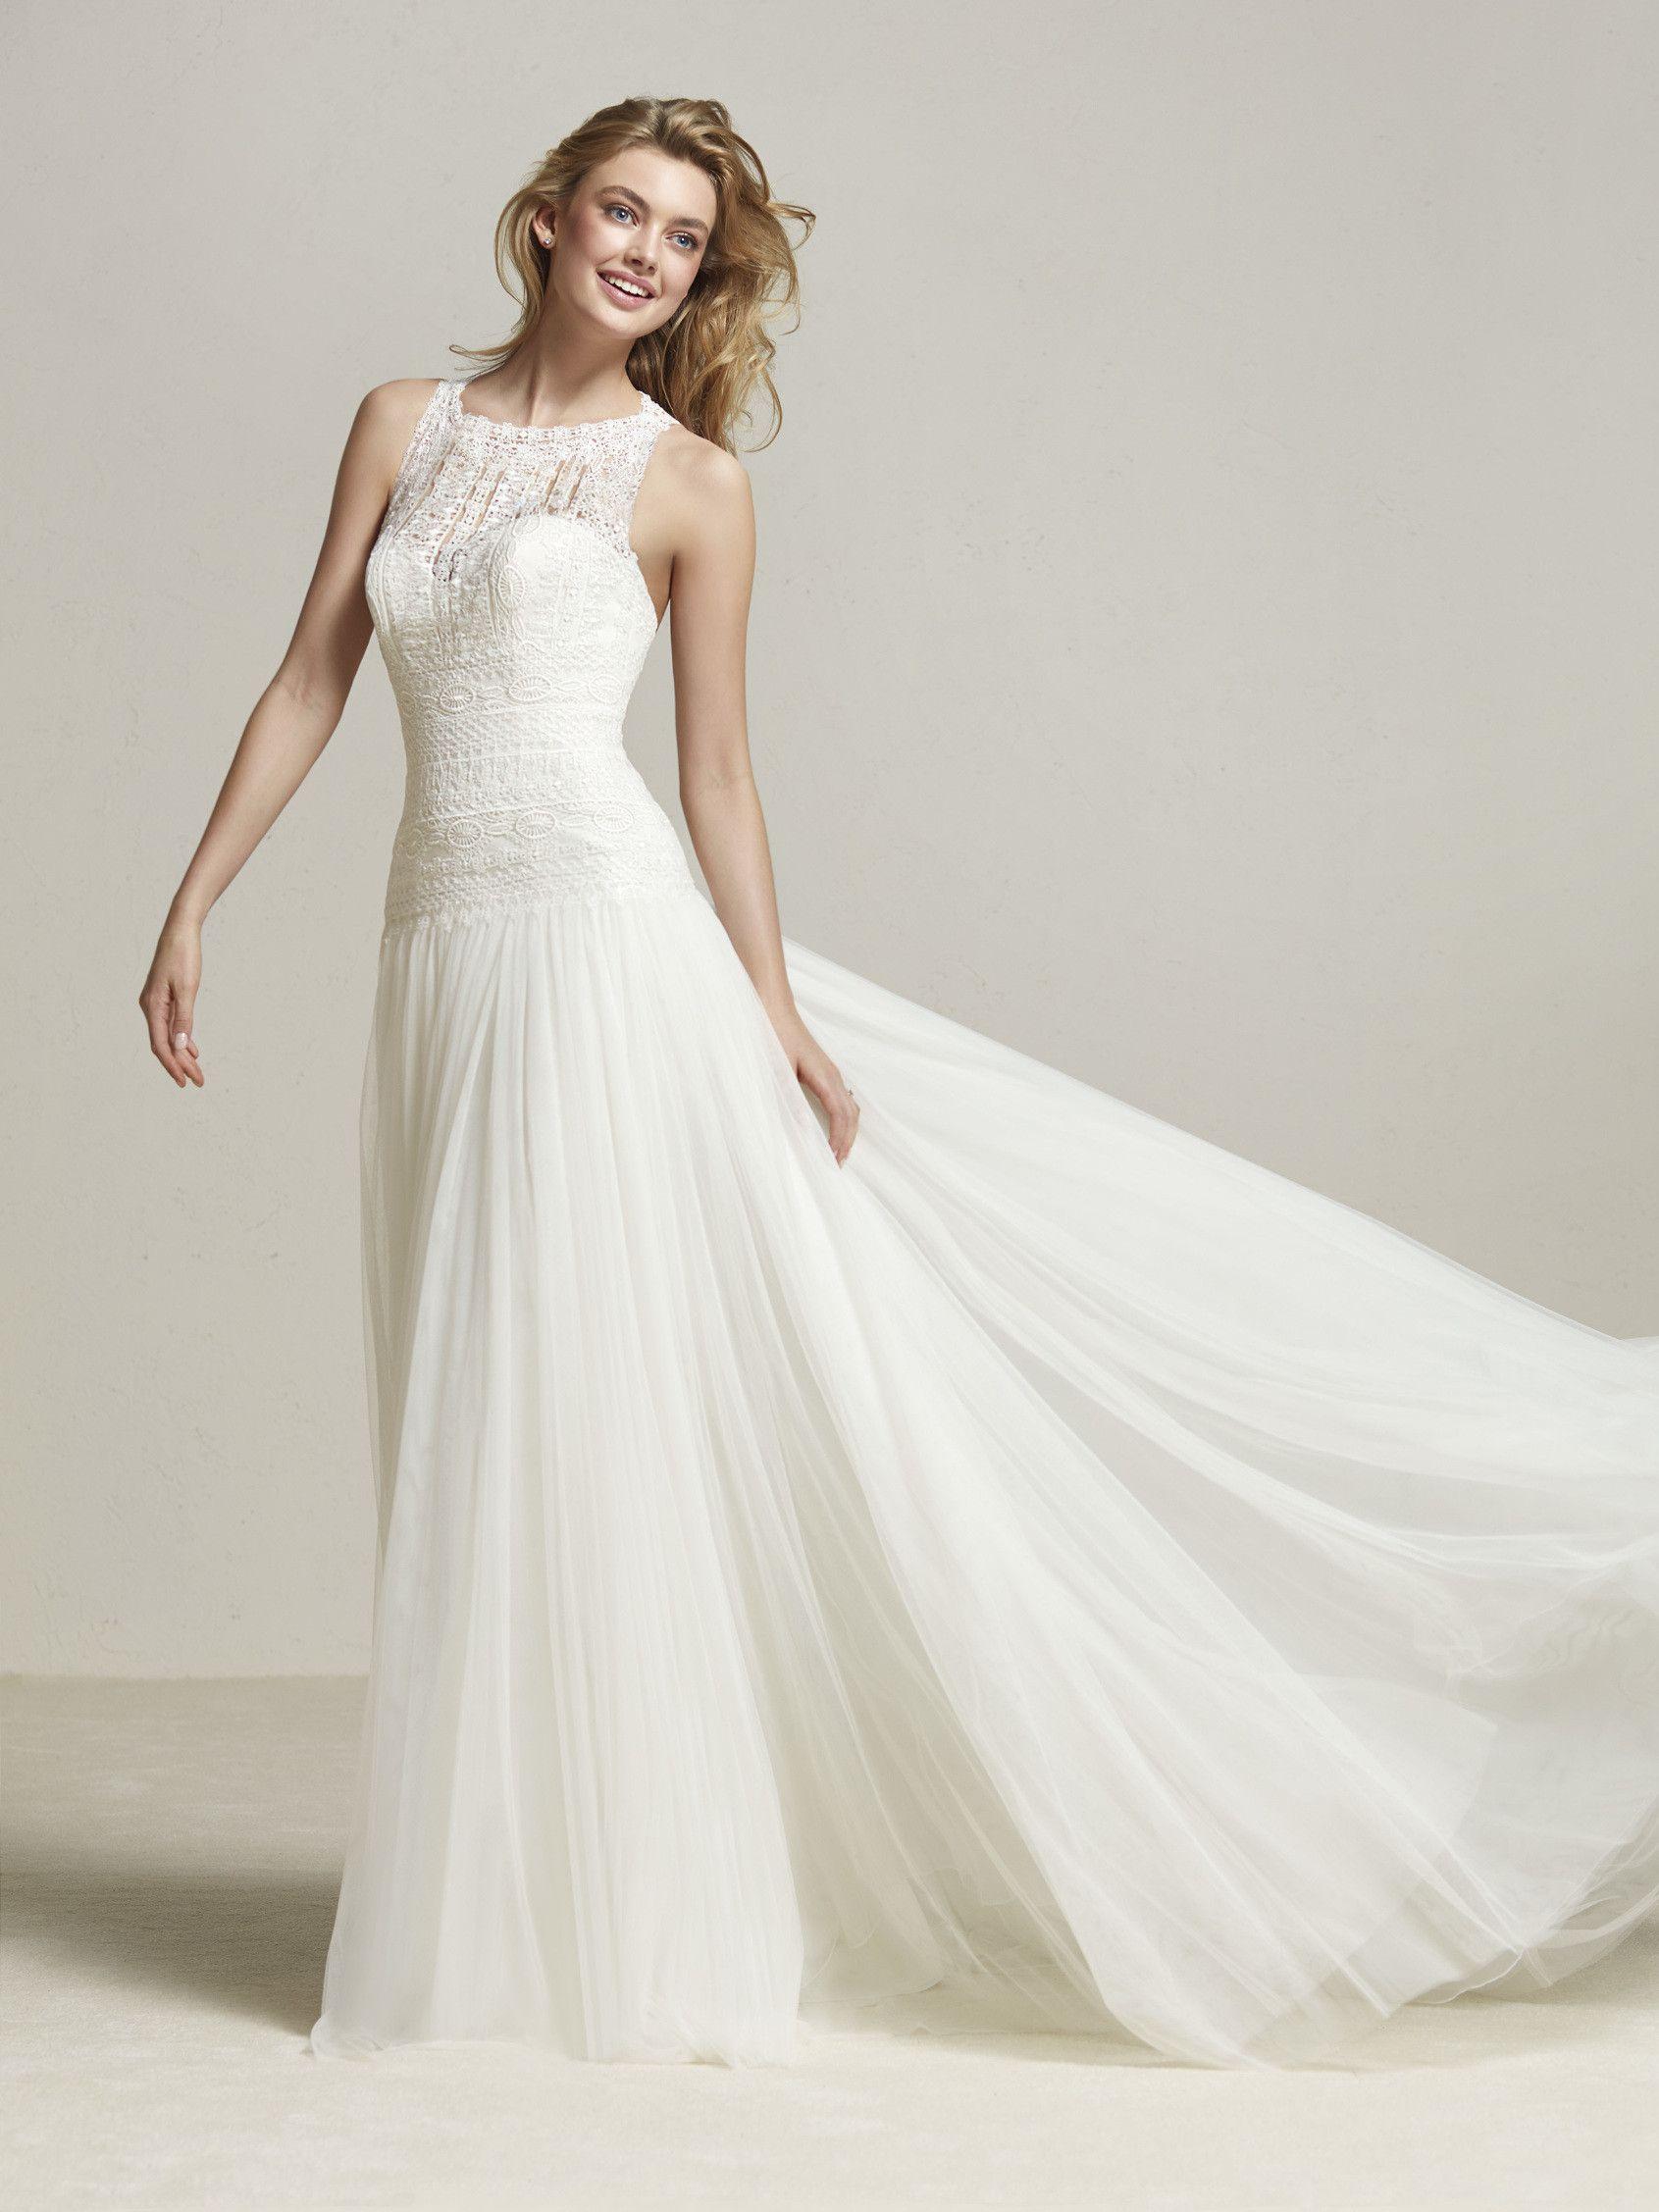 Vestido de novia estilo romántico pretty clothes in